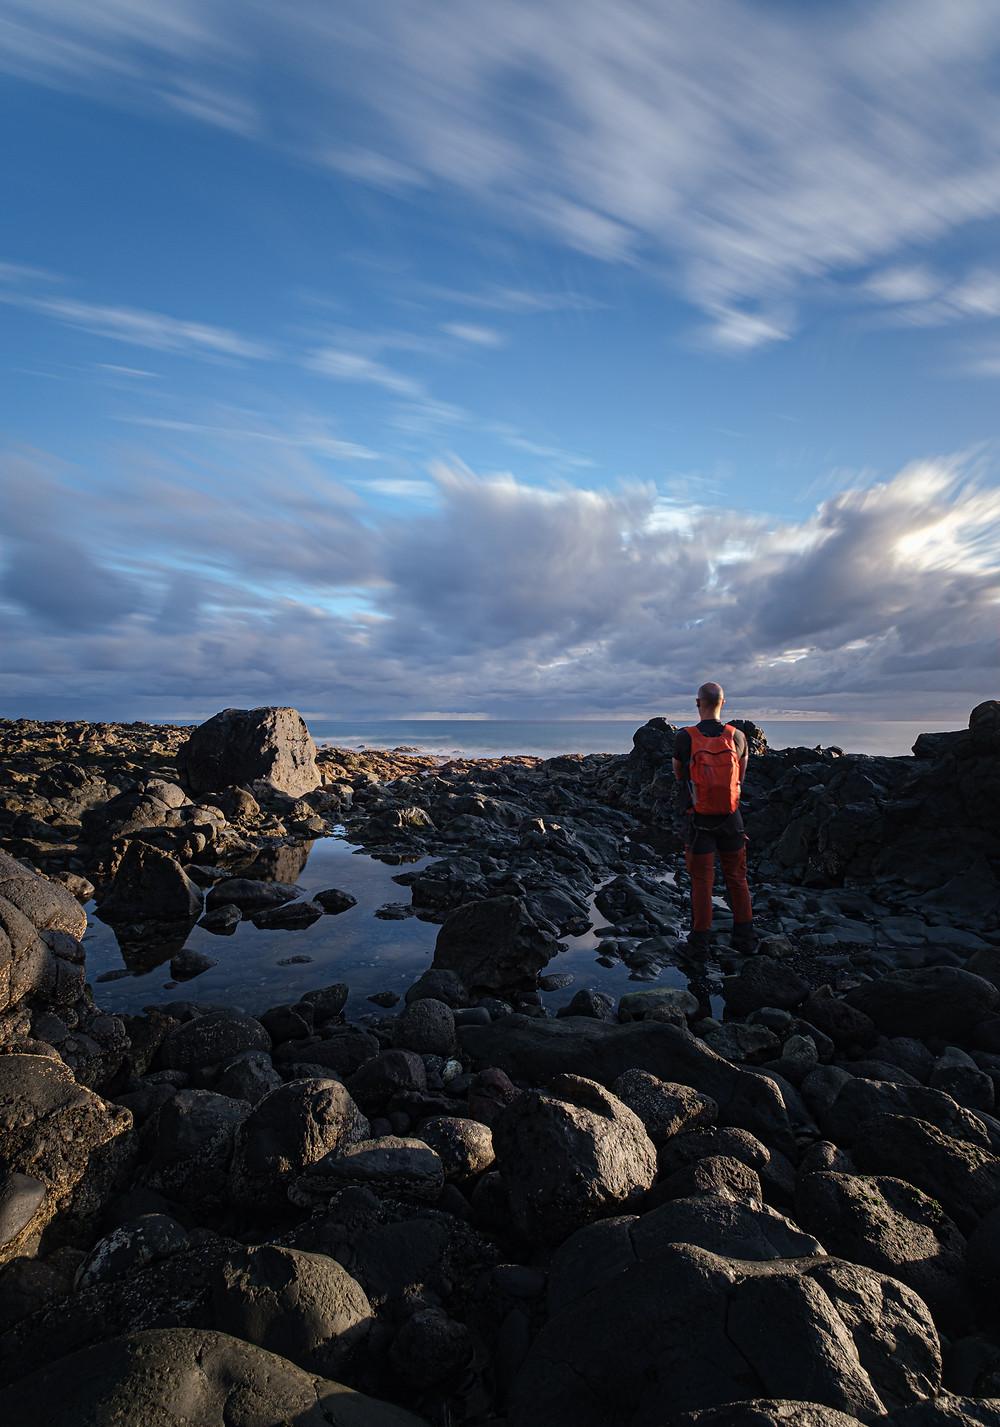 Fotografía de larga exposición diurna en los alrededores de la playa de Vagabundos, Santa María de Guía, litoral de la costa de Gran Canaria. Iván Cárdenes